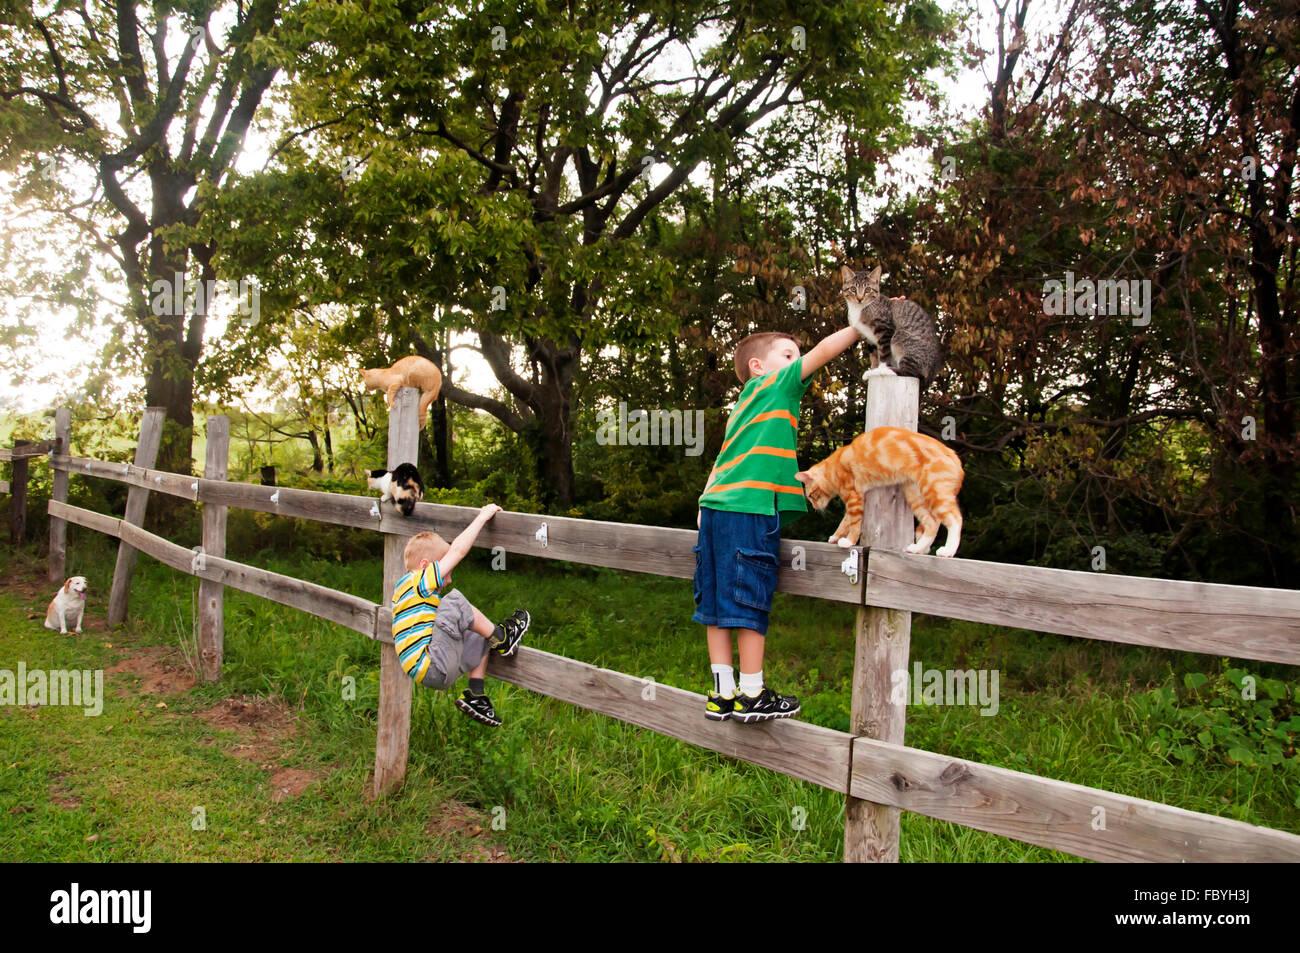 Kinder und Katzen auf Holzzaun unter dem Auge einen wachsamen Hund Stockbild